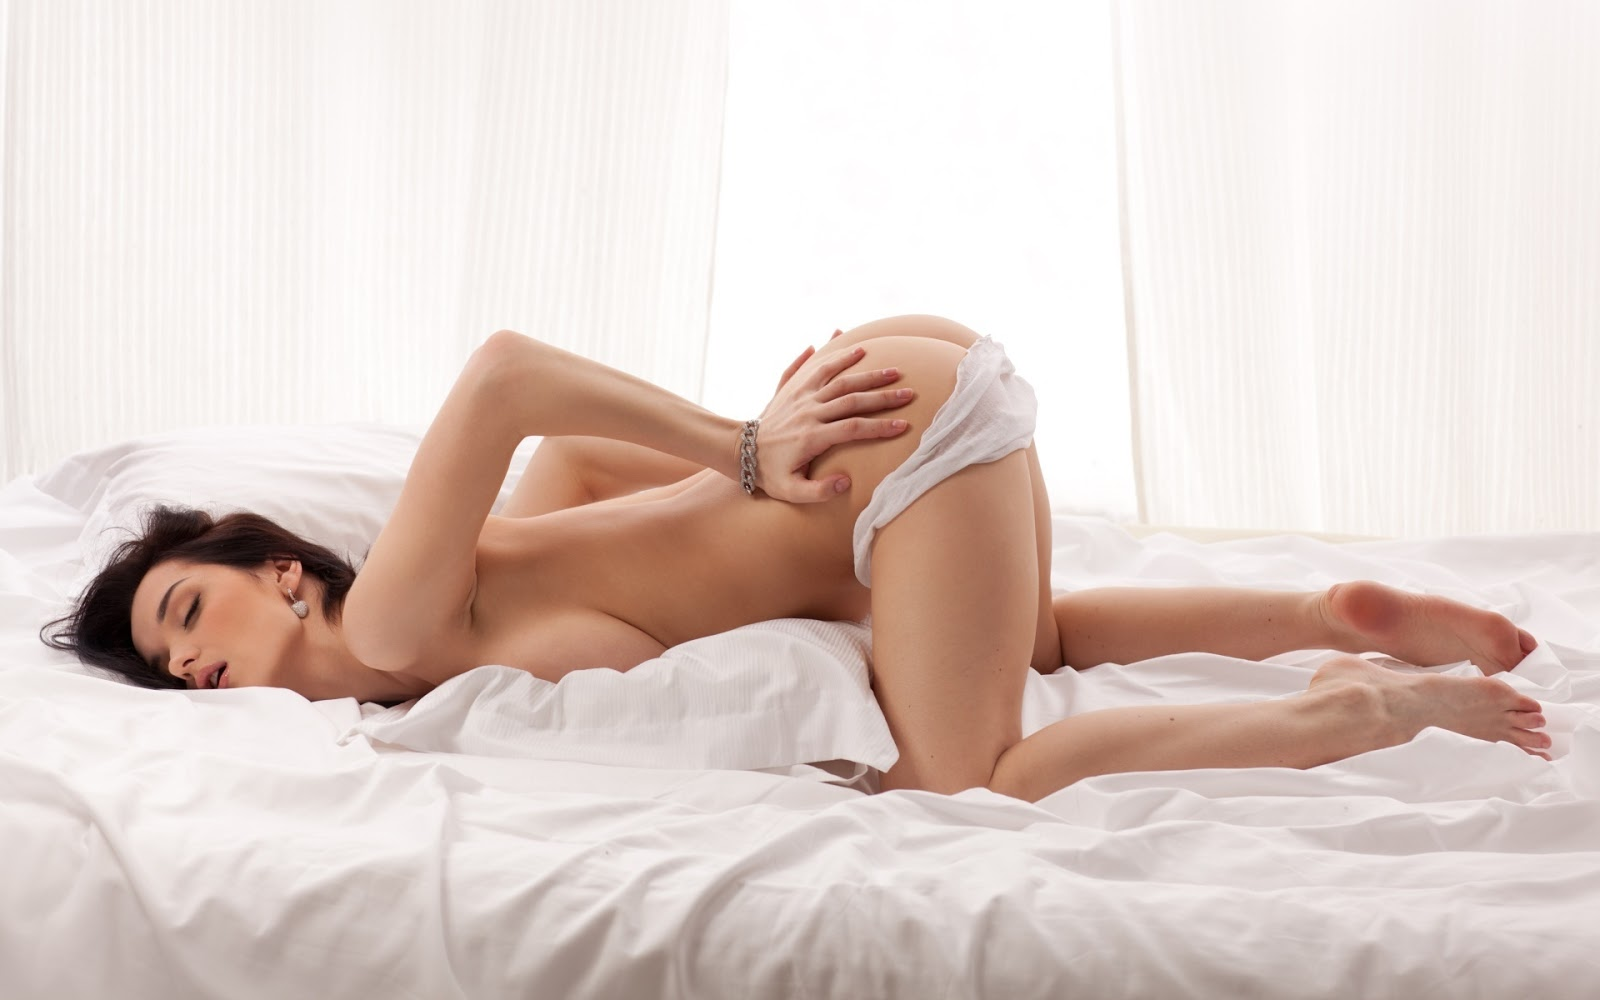 Сумасшедший секс клизма 1 фотография